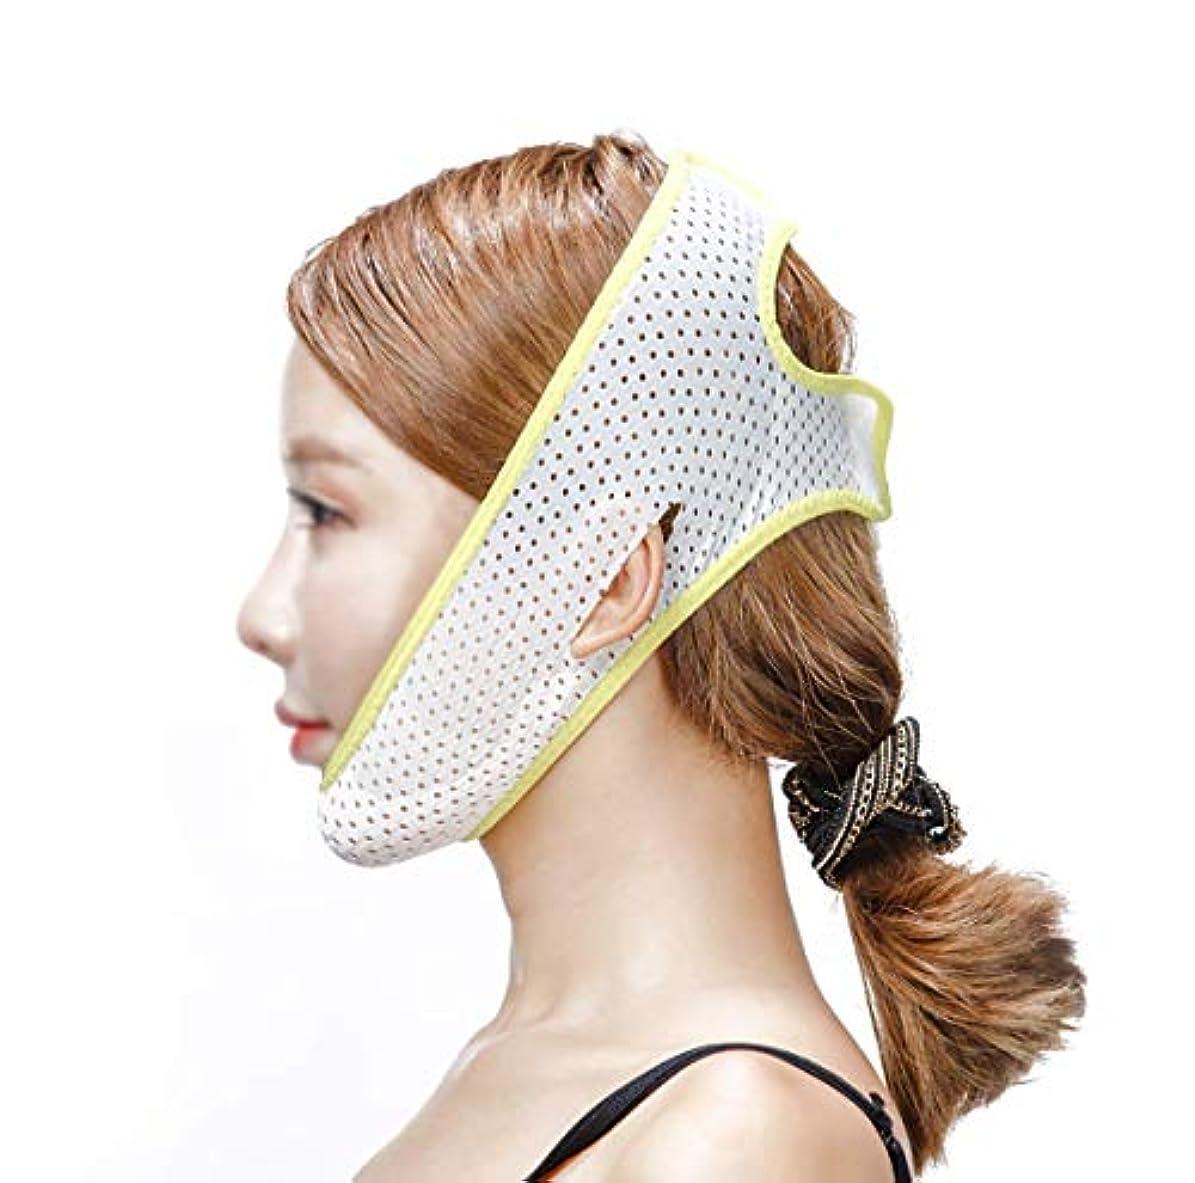 モーター一般財布フェイスリフトマスク、あごストラップリカバリ包帯睡眠薄いフェイスバンデージ薄いフェイスマスクフェイスリフトアーティファクトフェイスリフト美容マスク包帯で小さなV顔を強化(色:黄色と白)